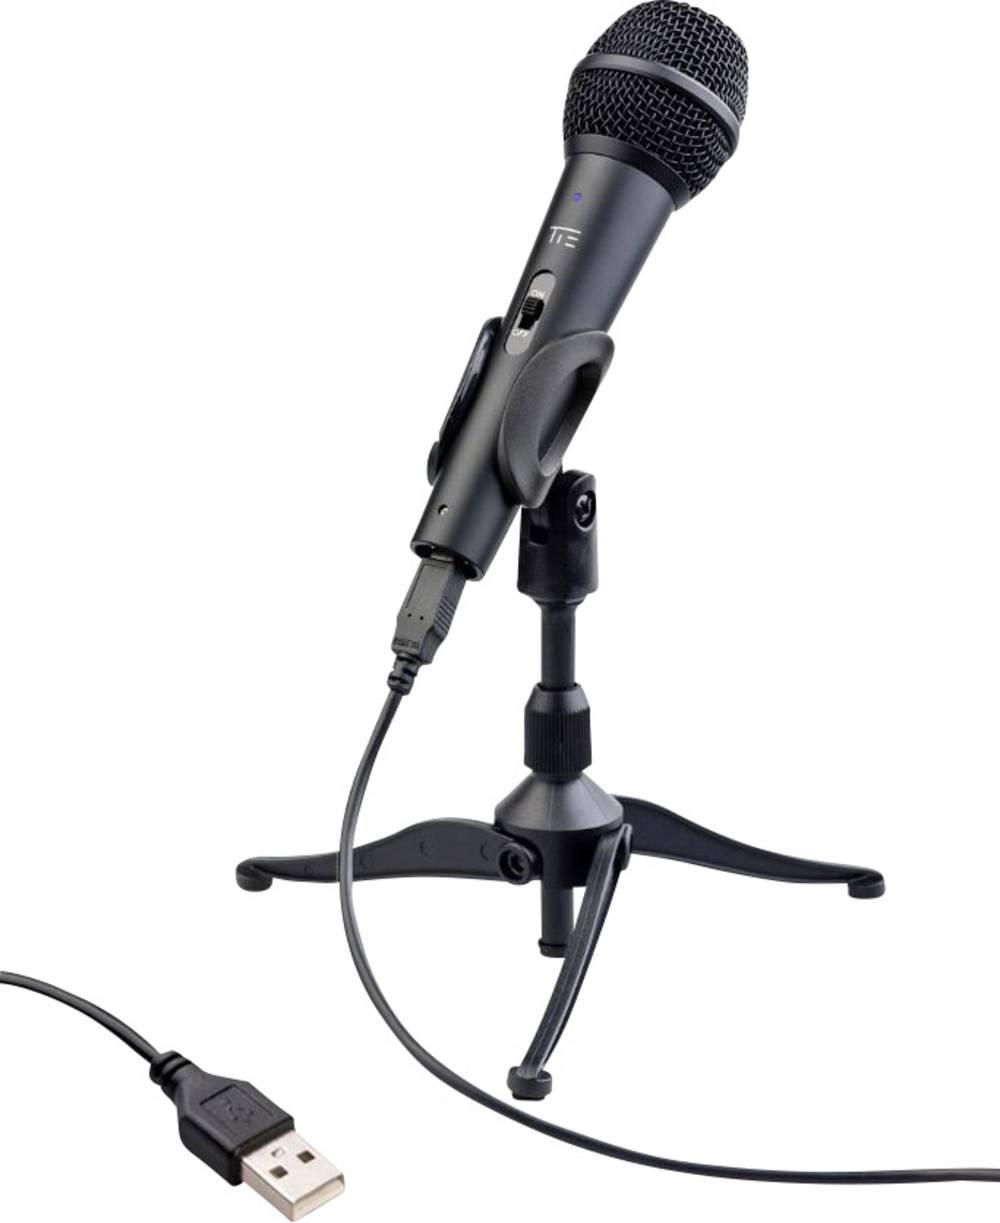 USB-Mikrofon Tie Studio DYNAMIC MIC USB s kablom